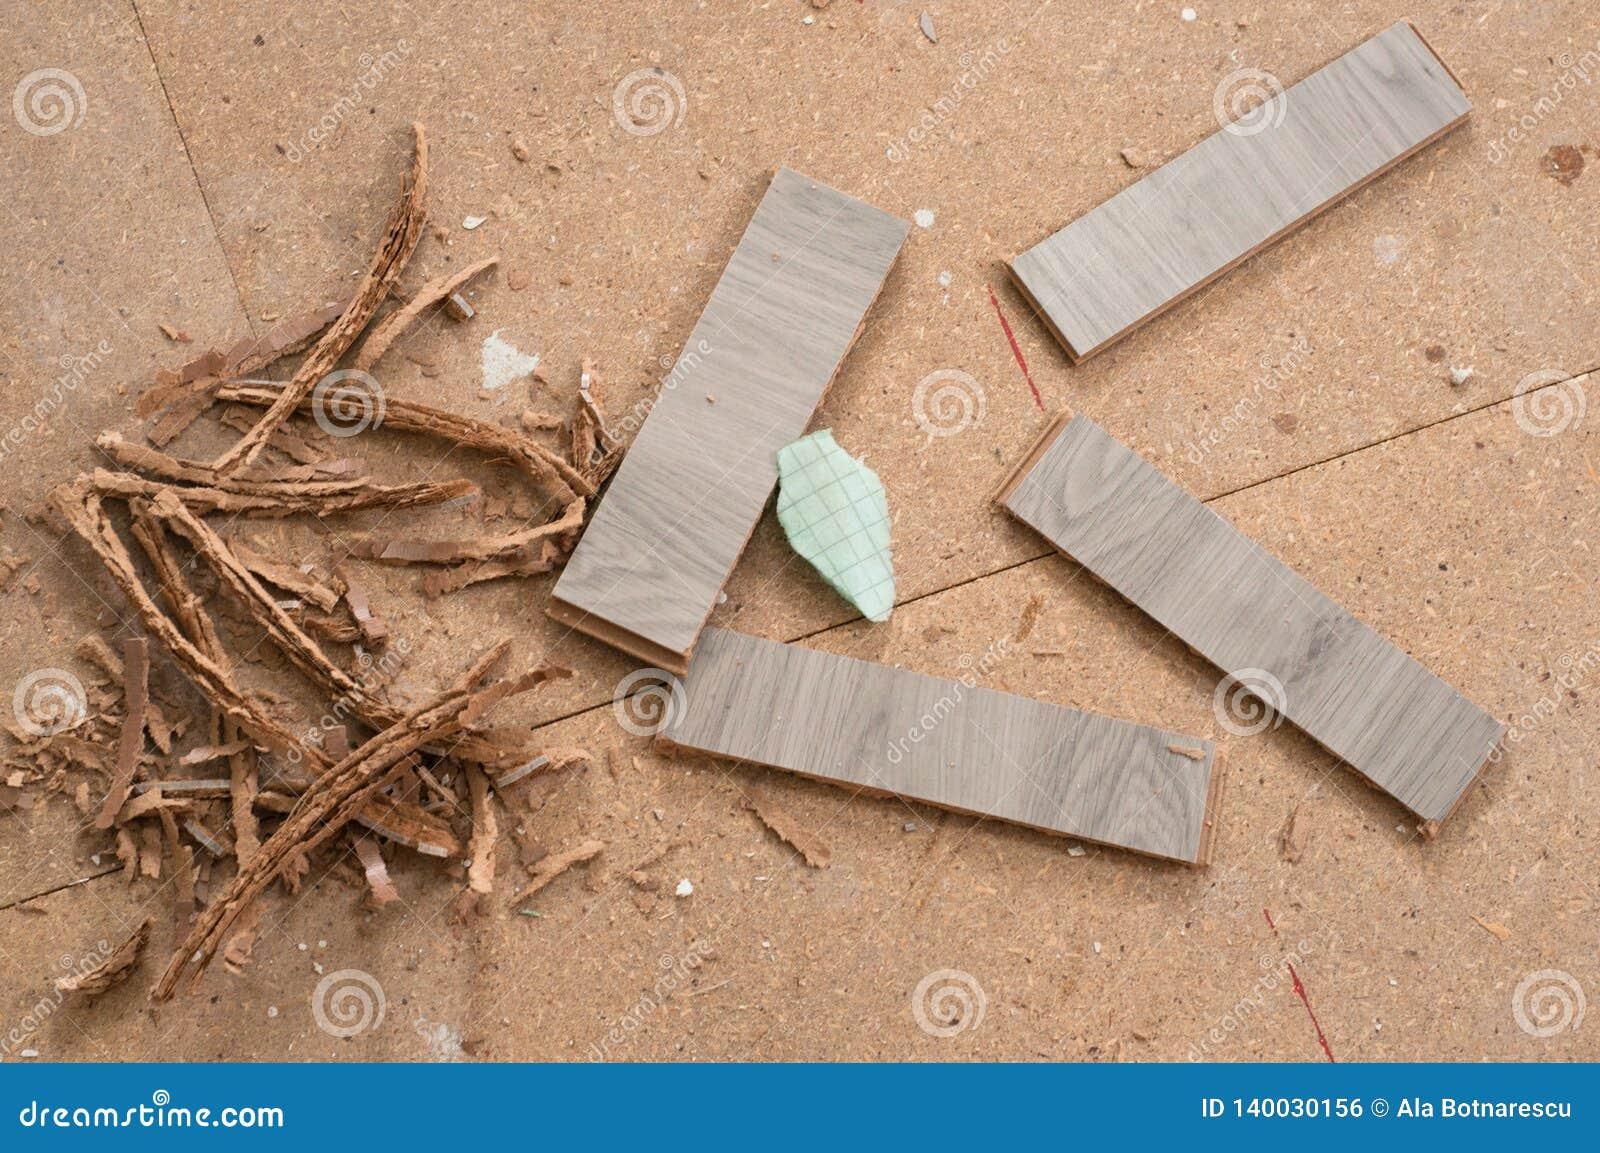 Resztki plasterka laminat po ciącego dla instalation nowa drewniana podłoga w domu